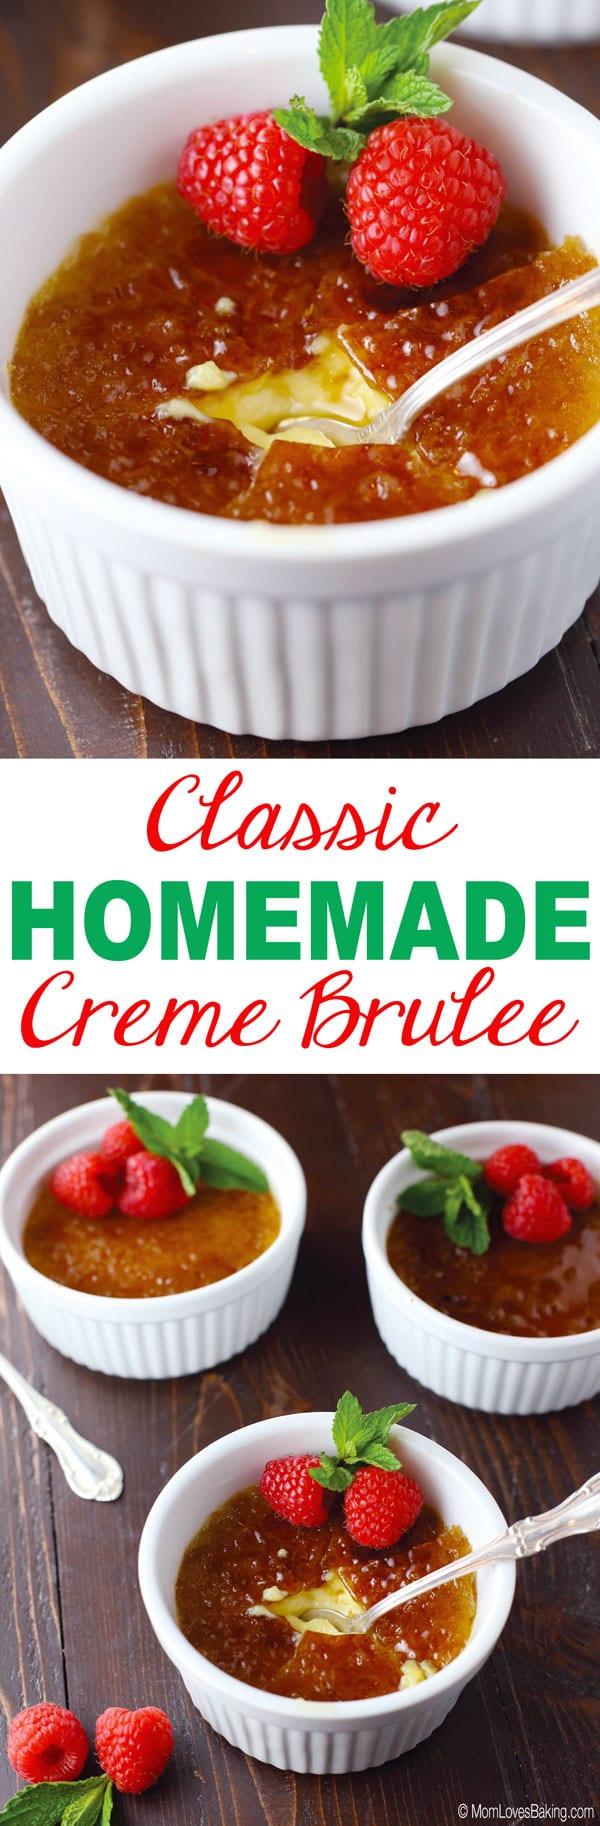 Classic Homemade Crème Brûlée